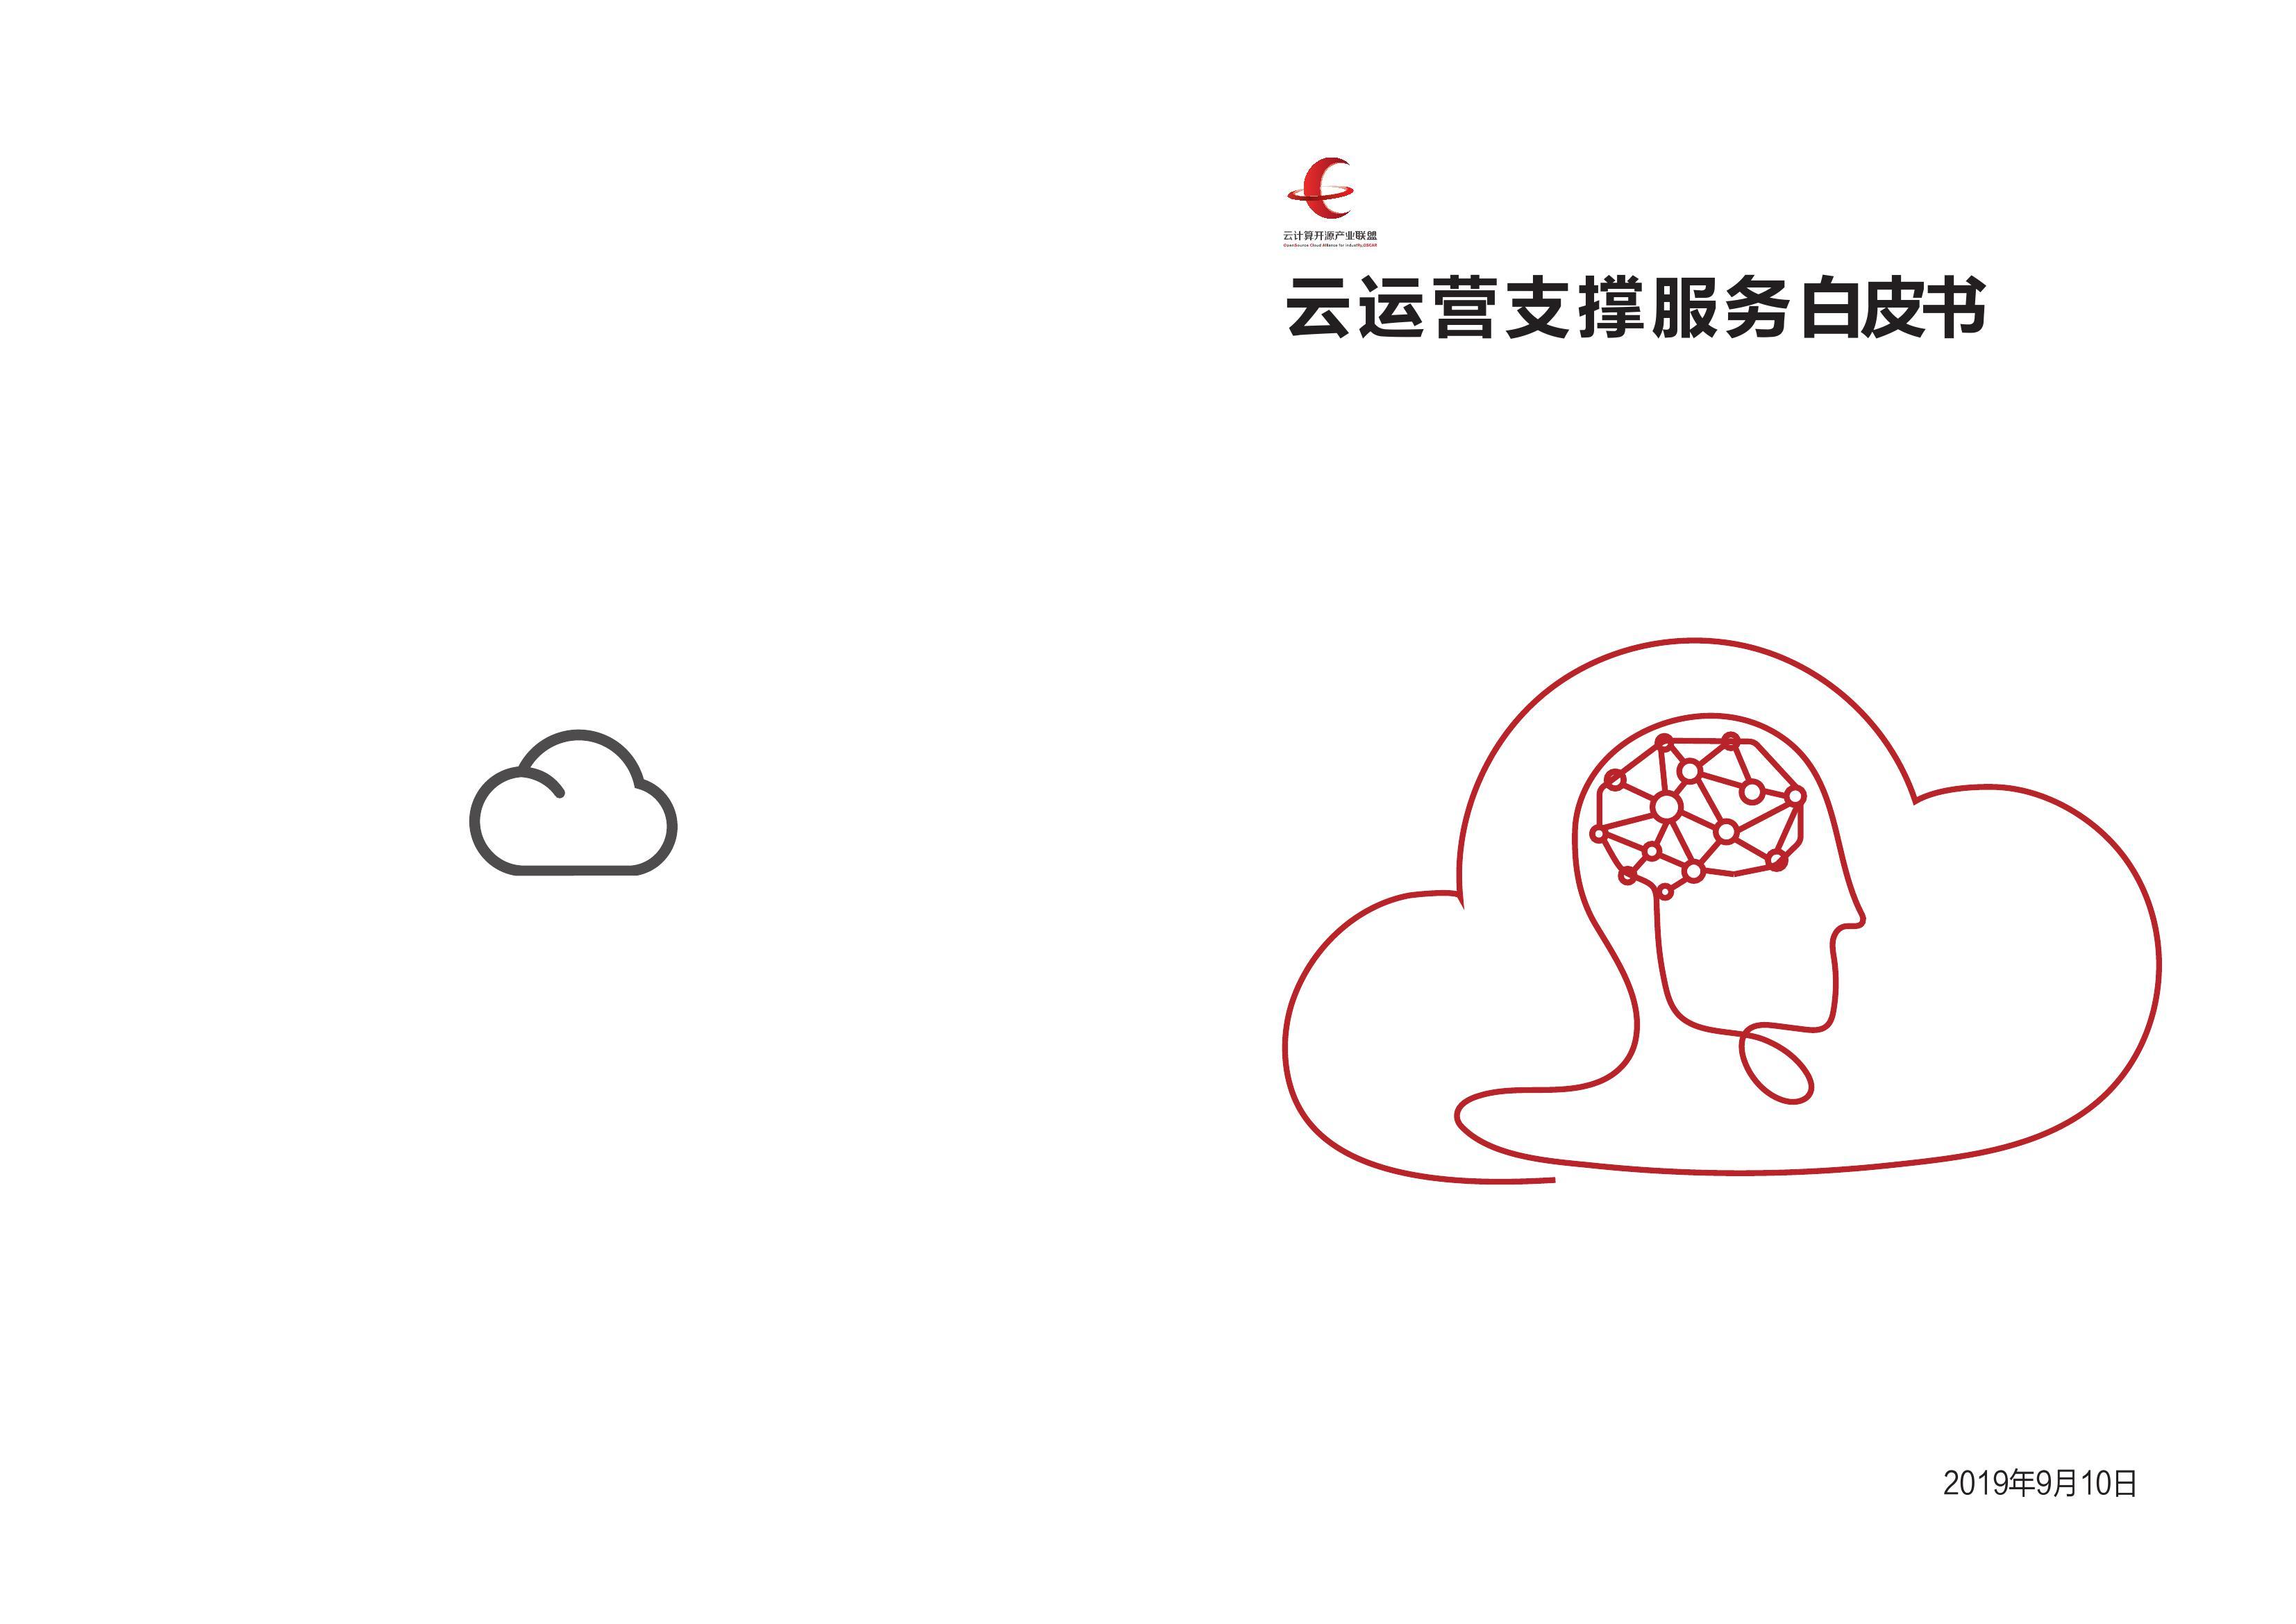 中国信通院&华为:2019云运营支撑服务白皮书(附下载)